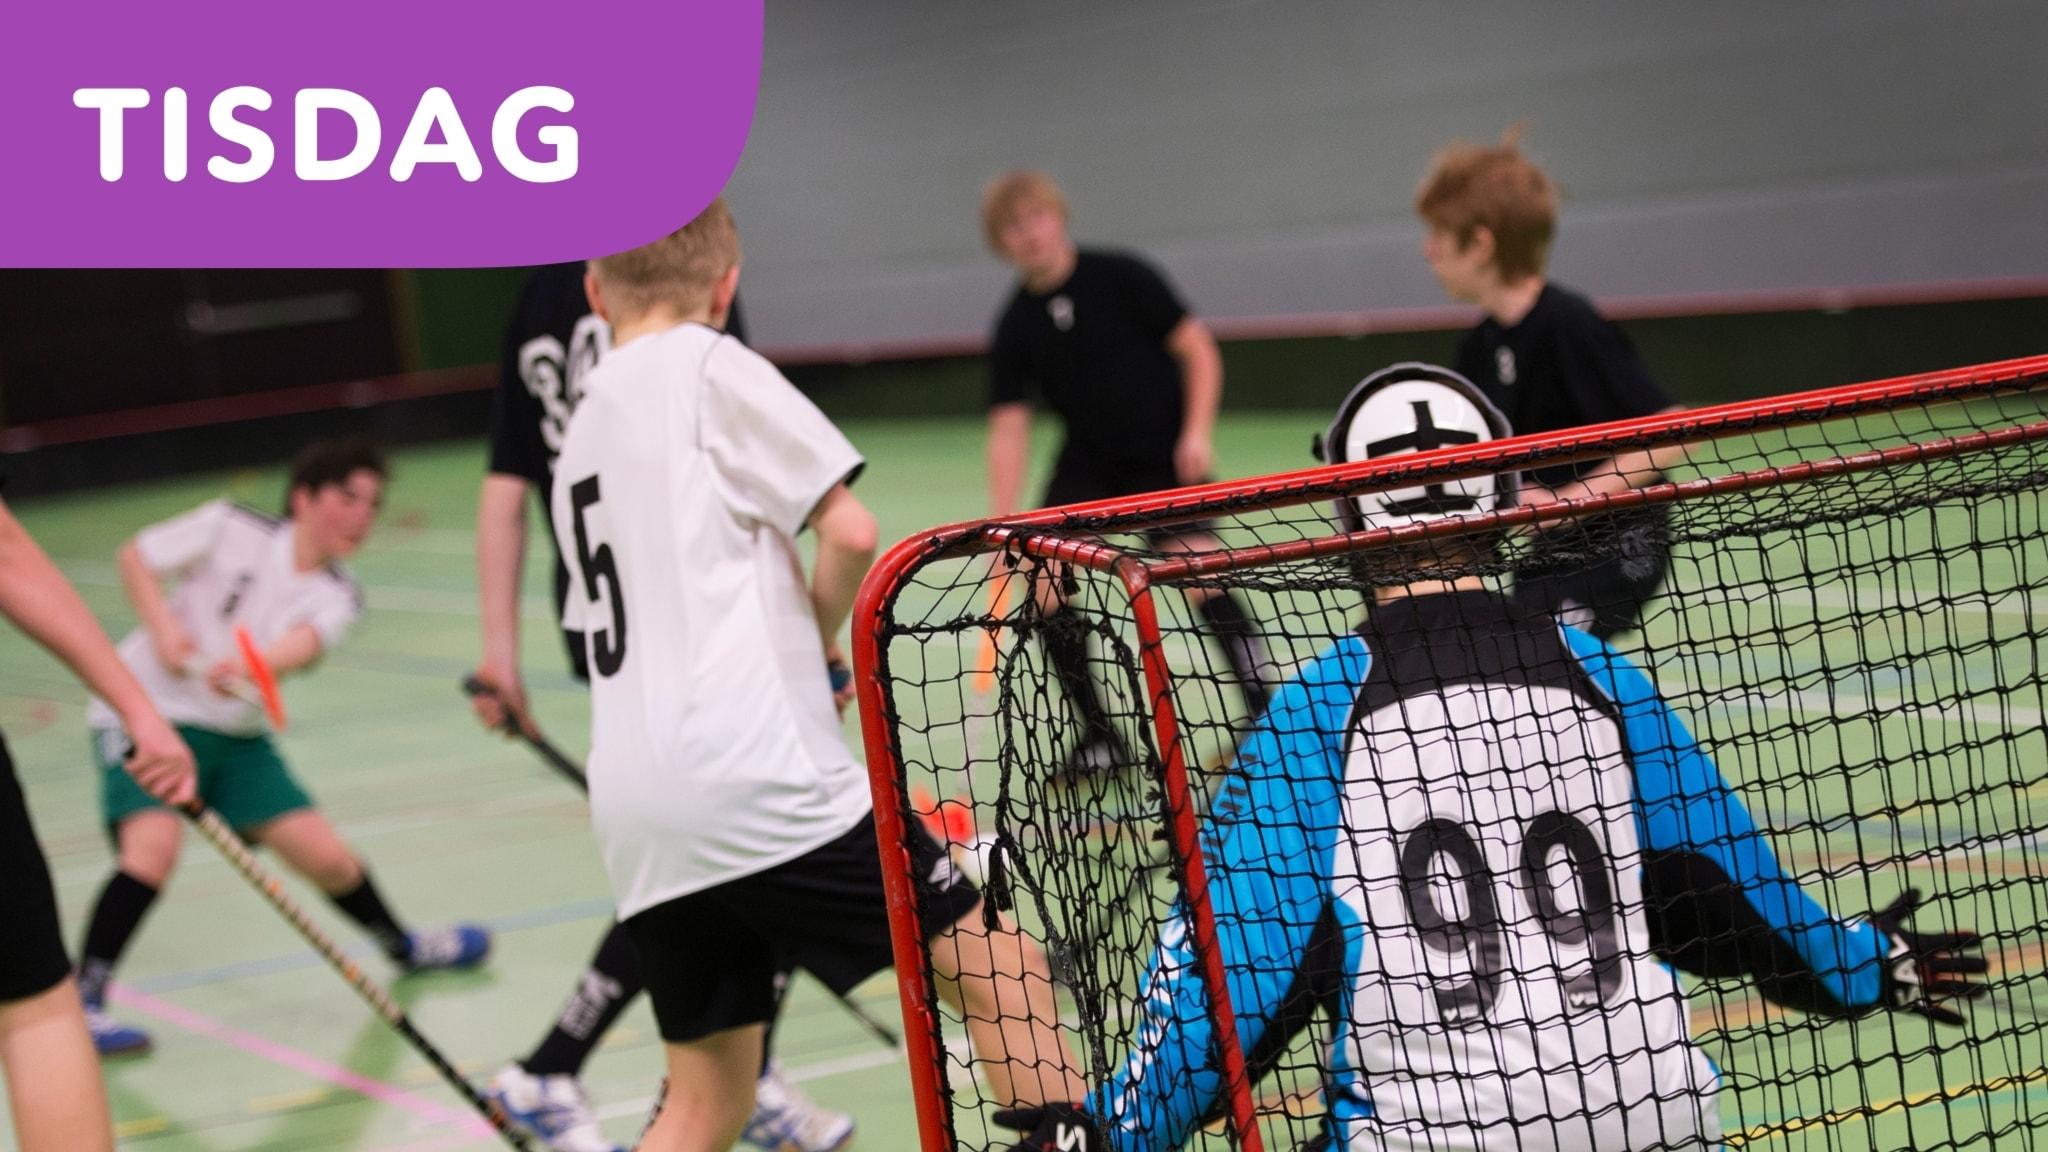 Pojkar mellan 7 och 12 år idrottar mindre